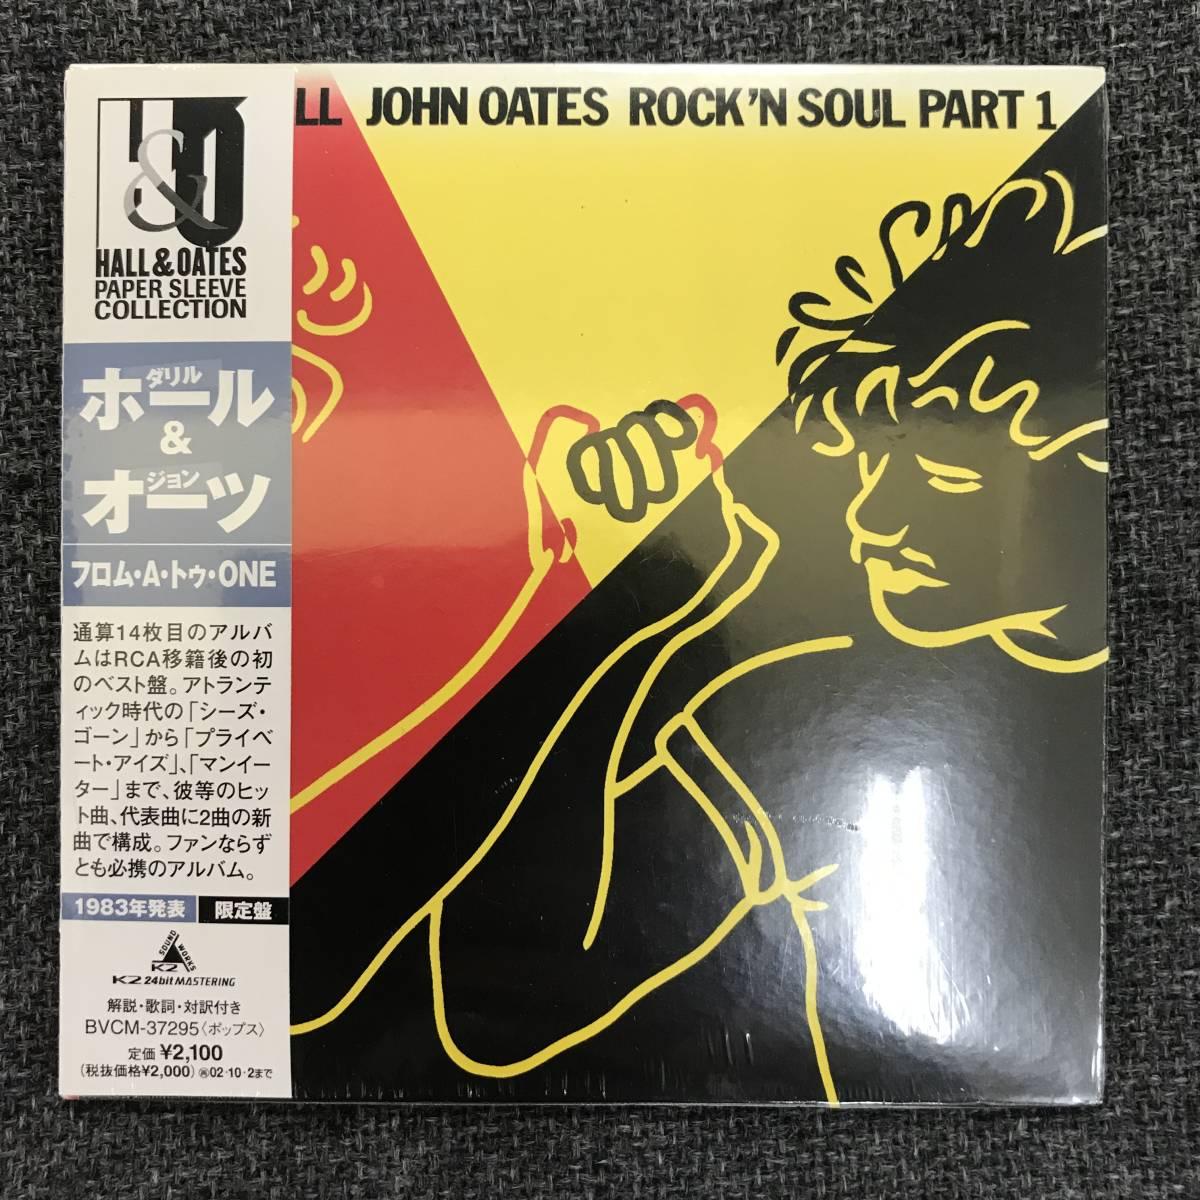 新品未開封CD☆ダリル・ホール&ジョン・オーツ フロム・A・トゥ・ONE(紙ジャケット仕様)/BVCM-37295_画像1